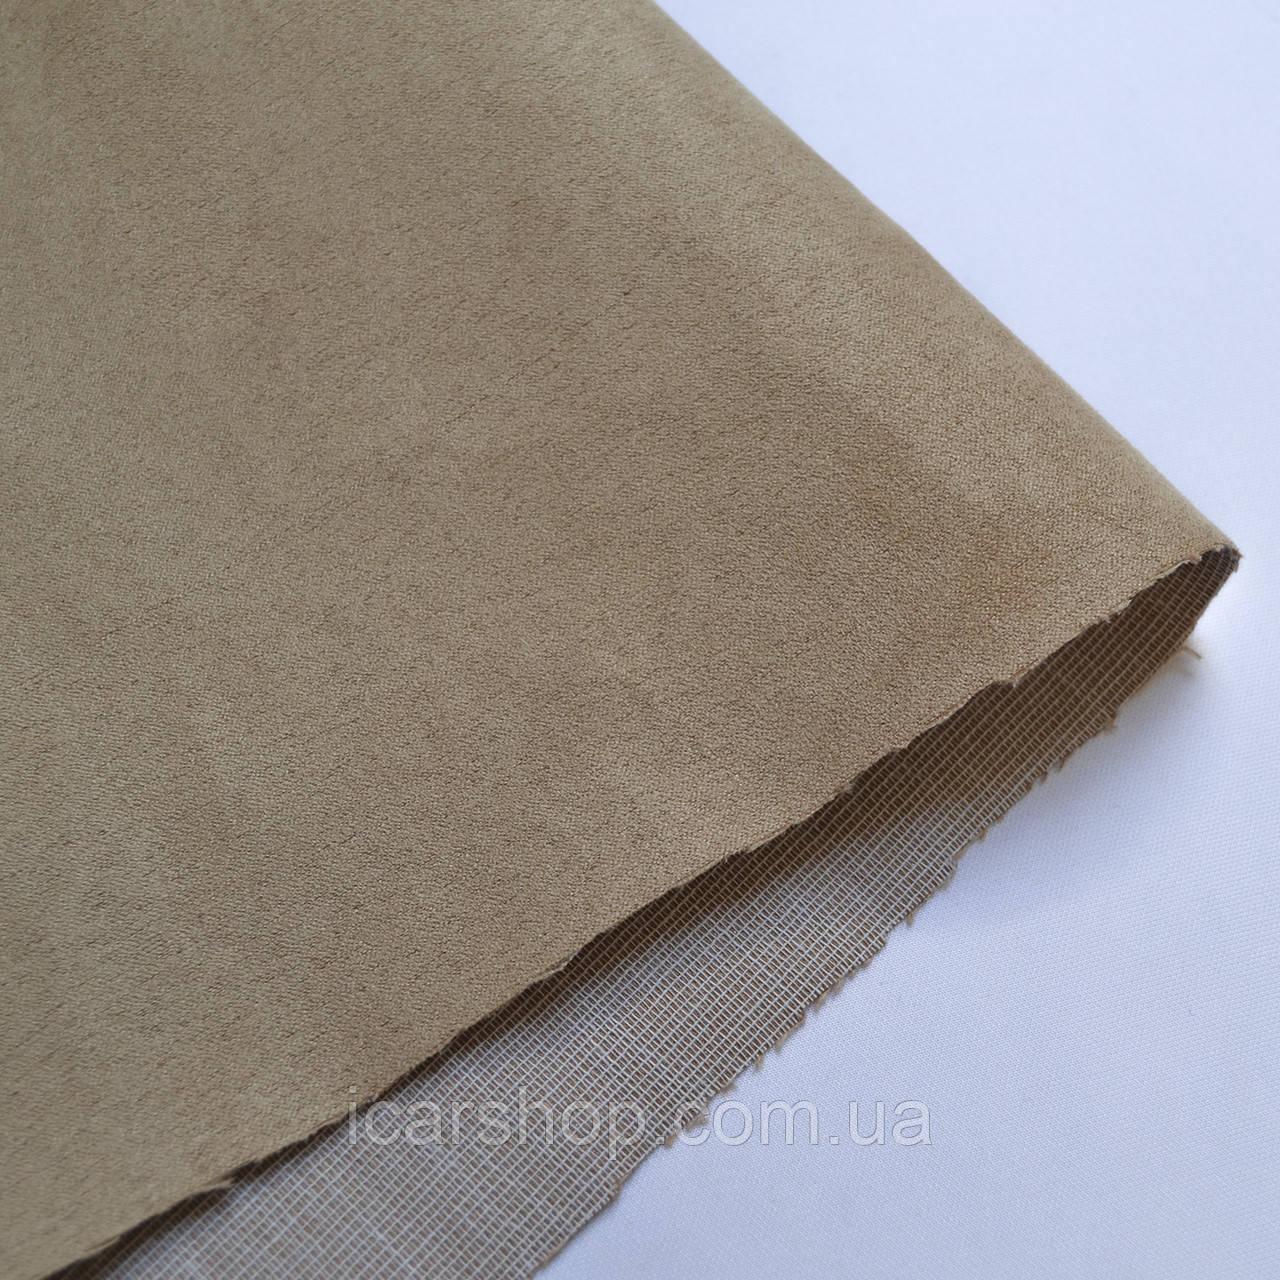 Ткань 105 / Песочная (1,45м)